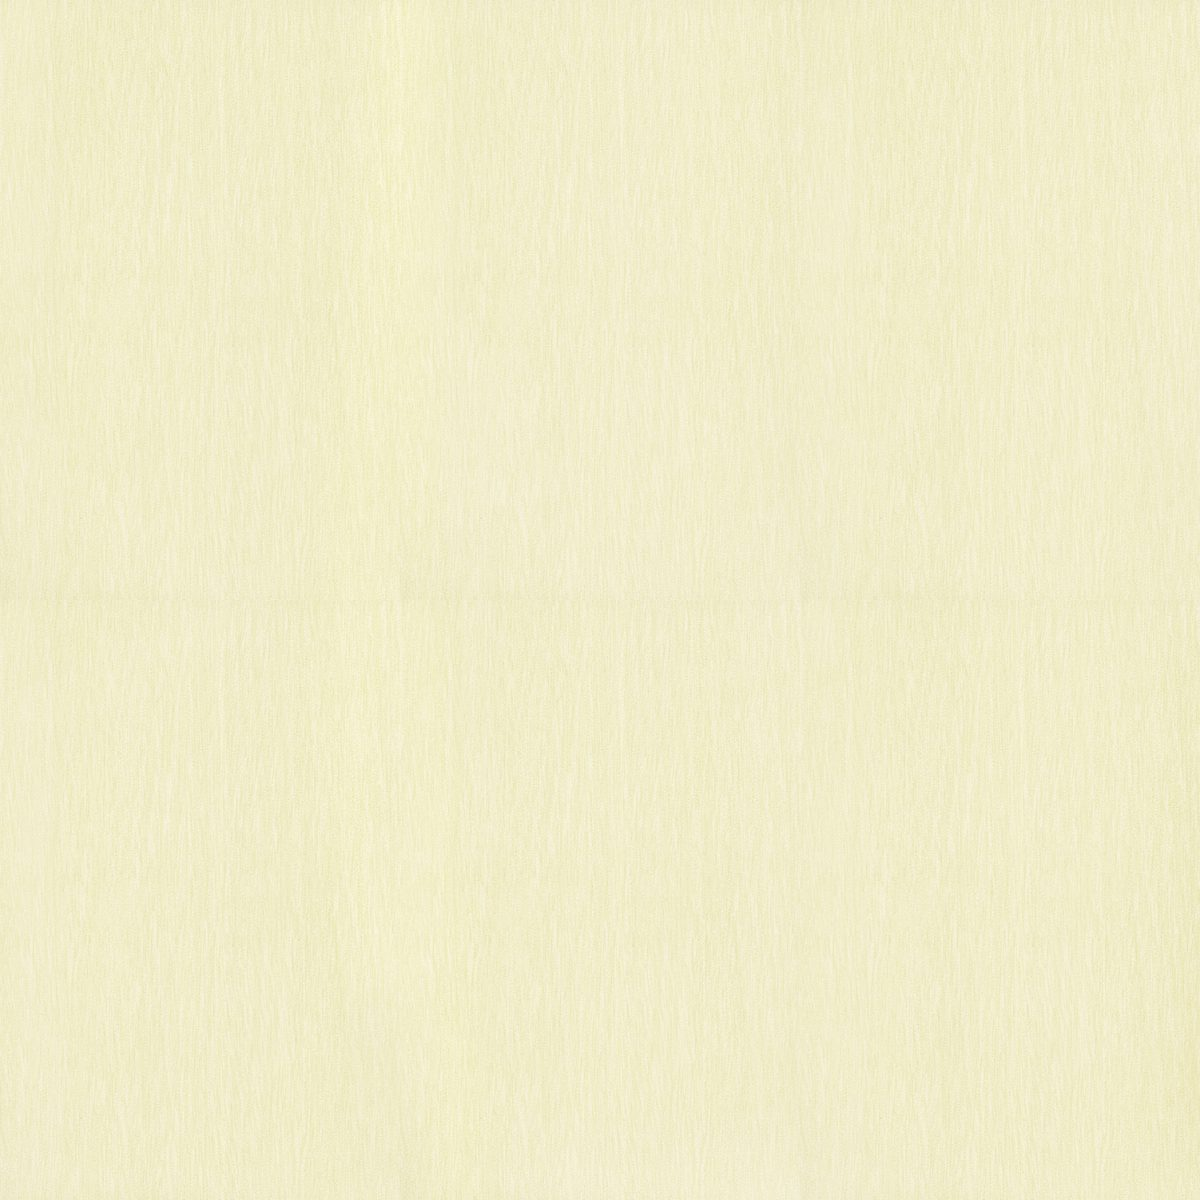 Papel de parede texturizado vinílico Texturas